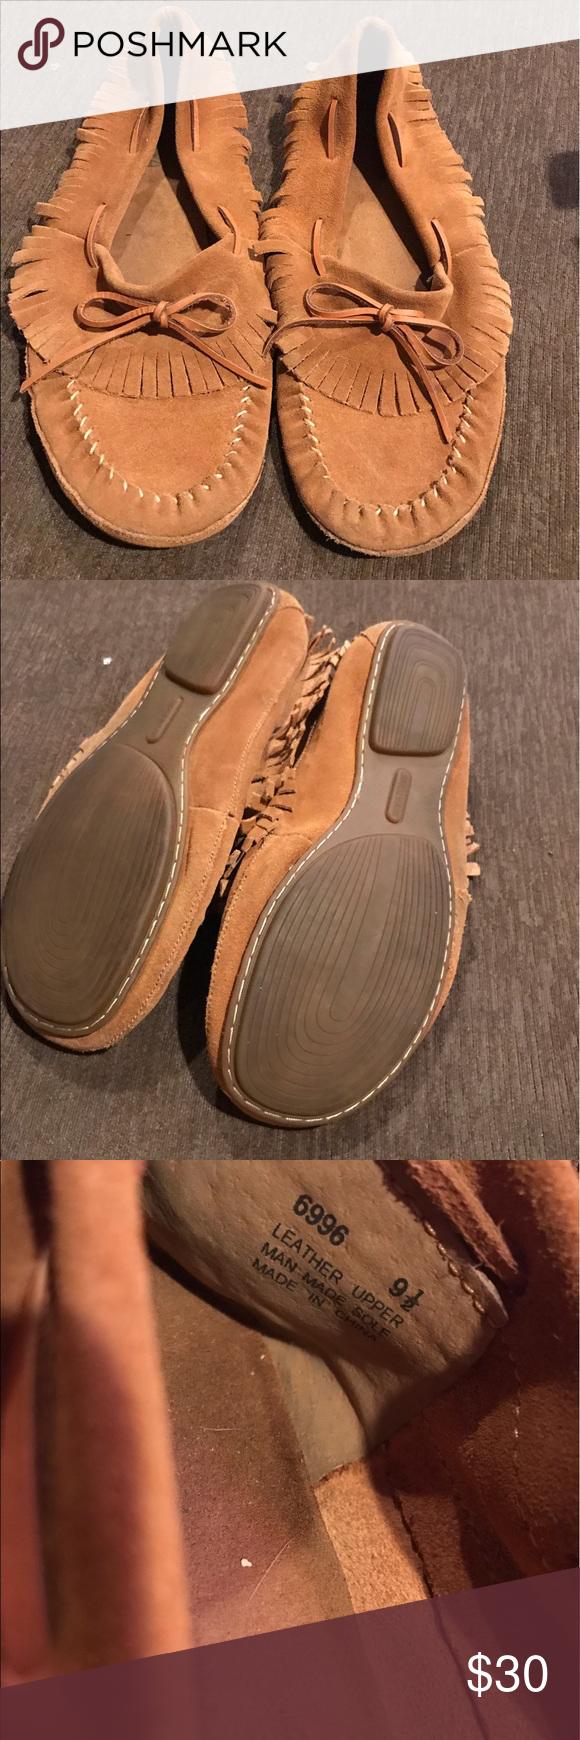 Minnetonka fringe moccasins Minnetonka fringe moccasins in good condition Minnetonka Shoes Moccasins